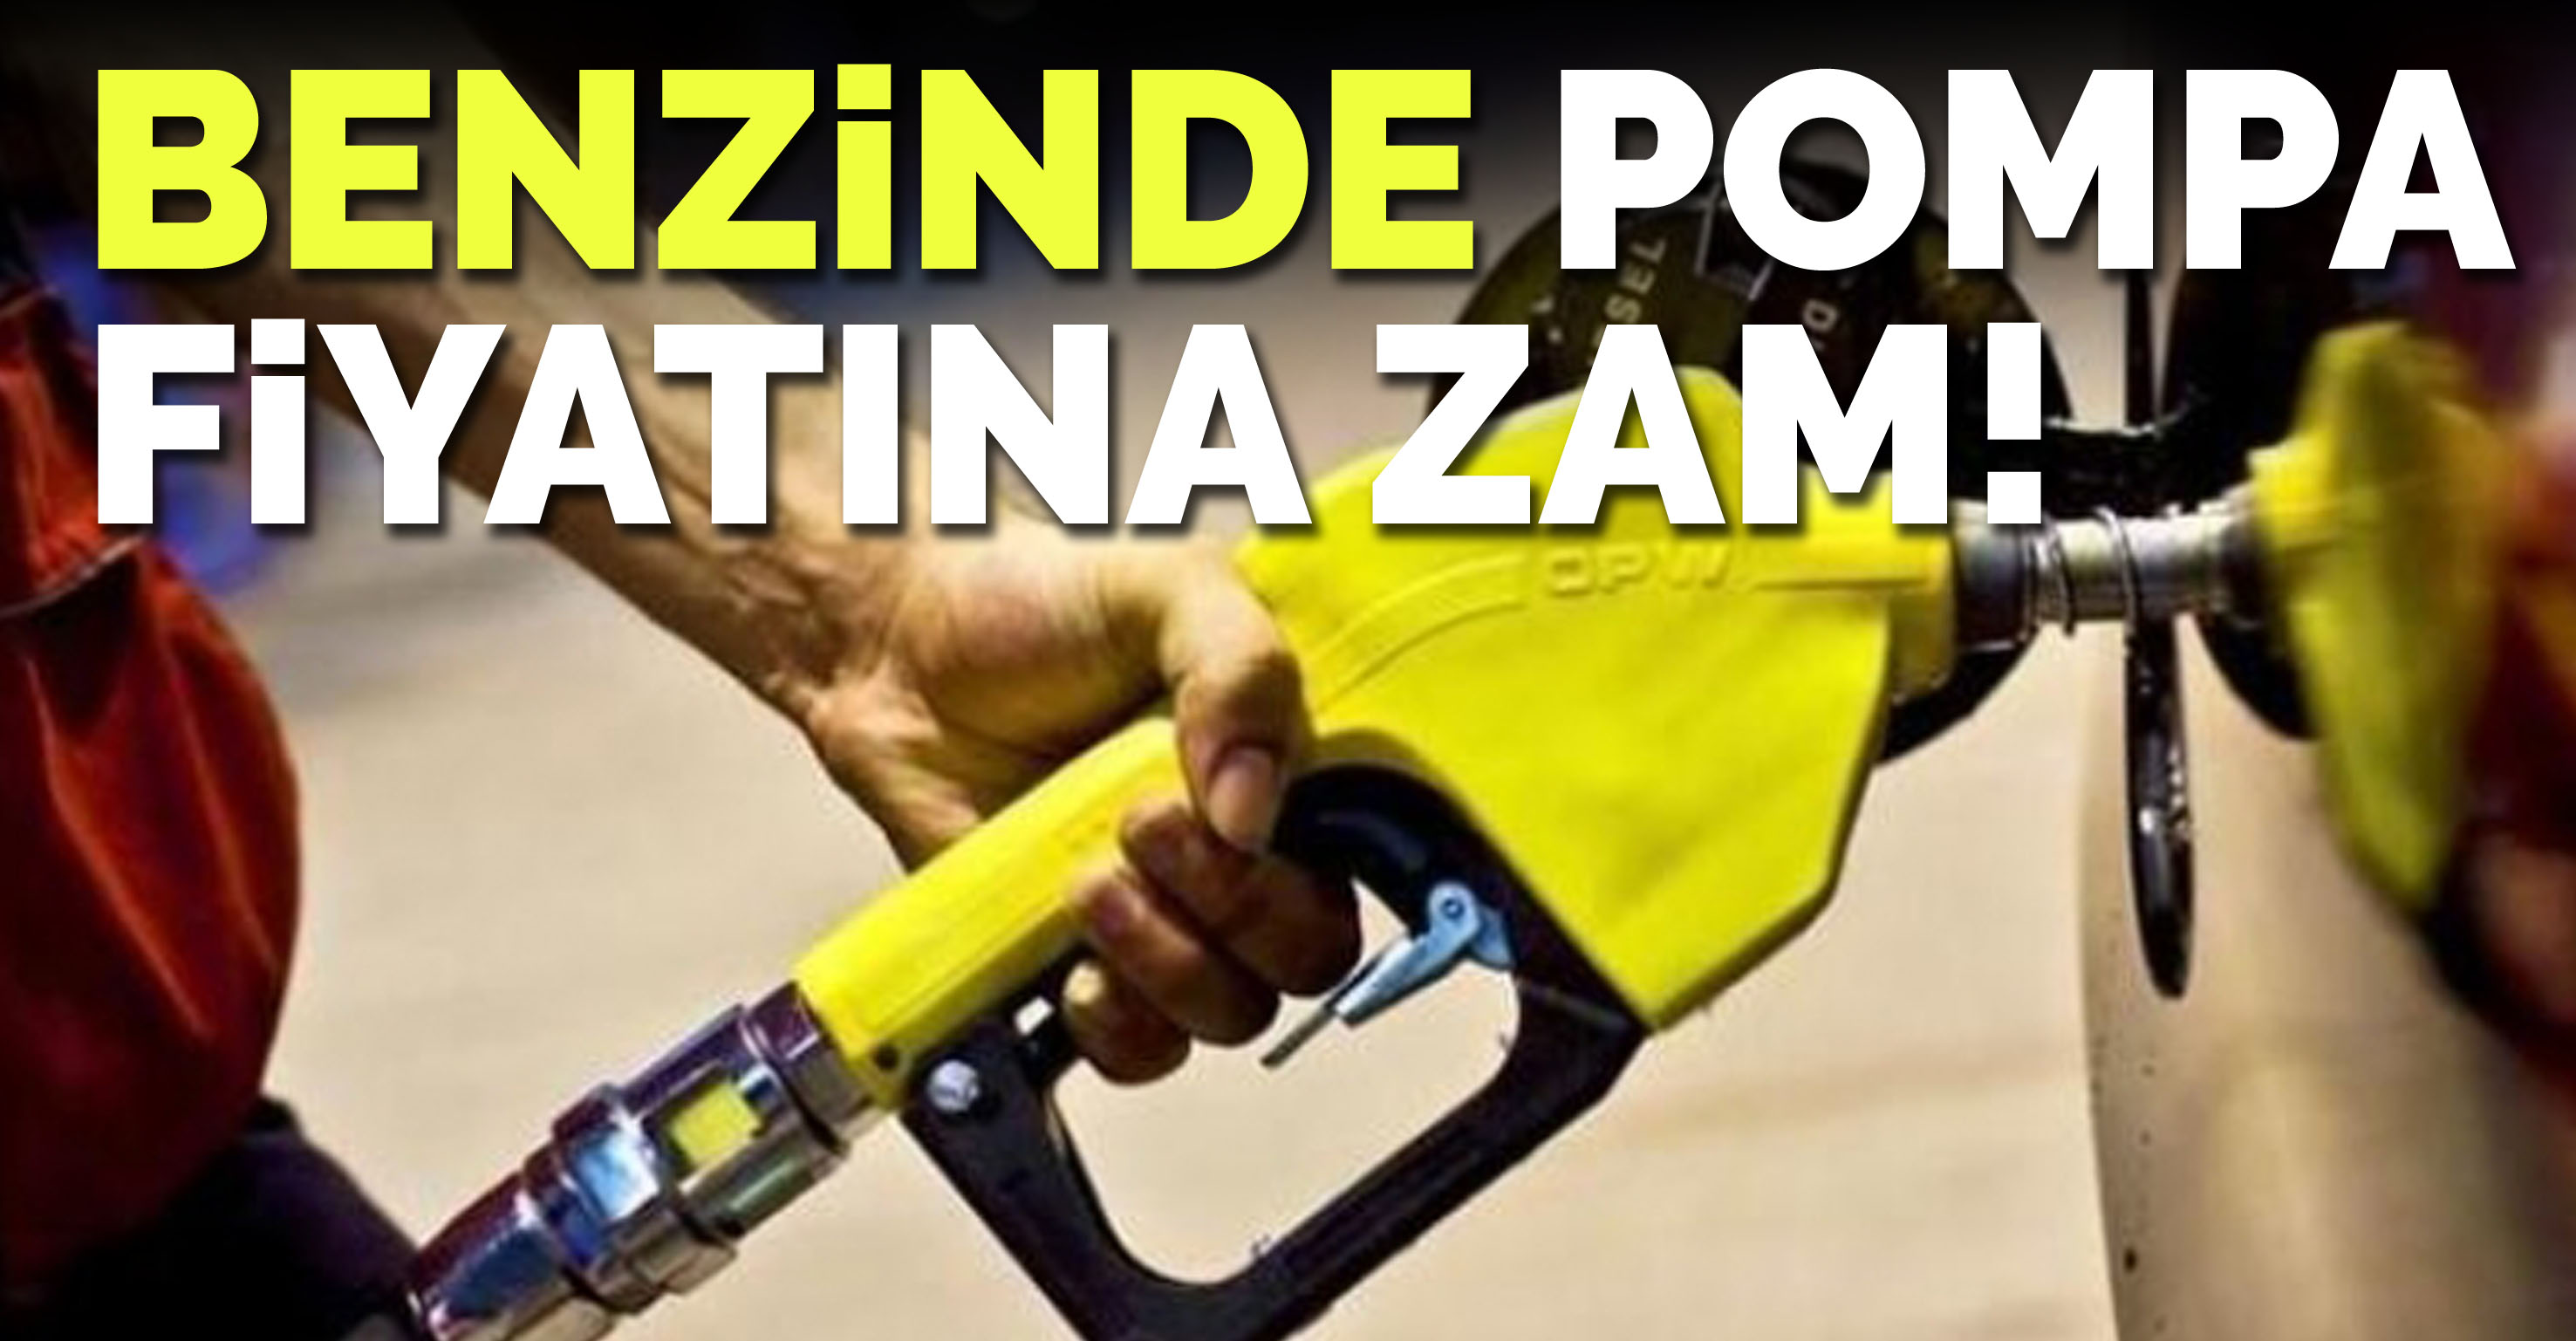 Benzinde pompa fiyatına zam